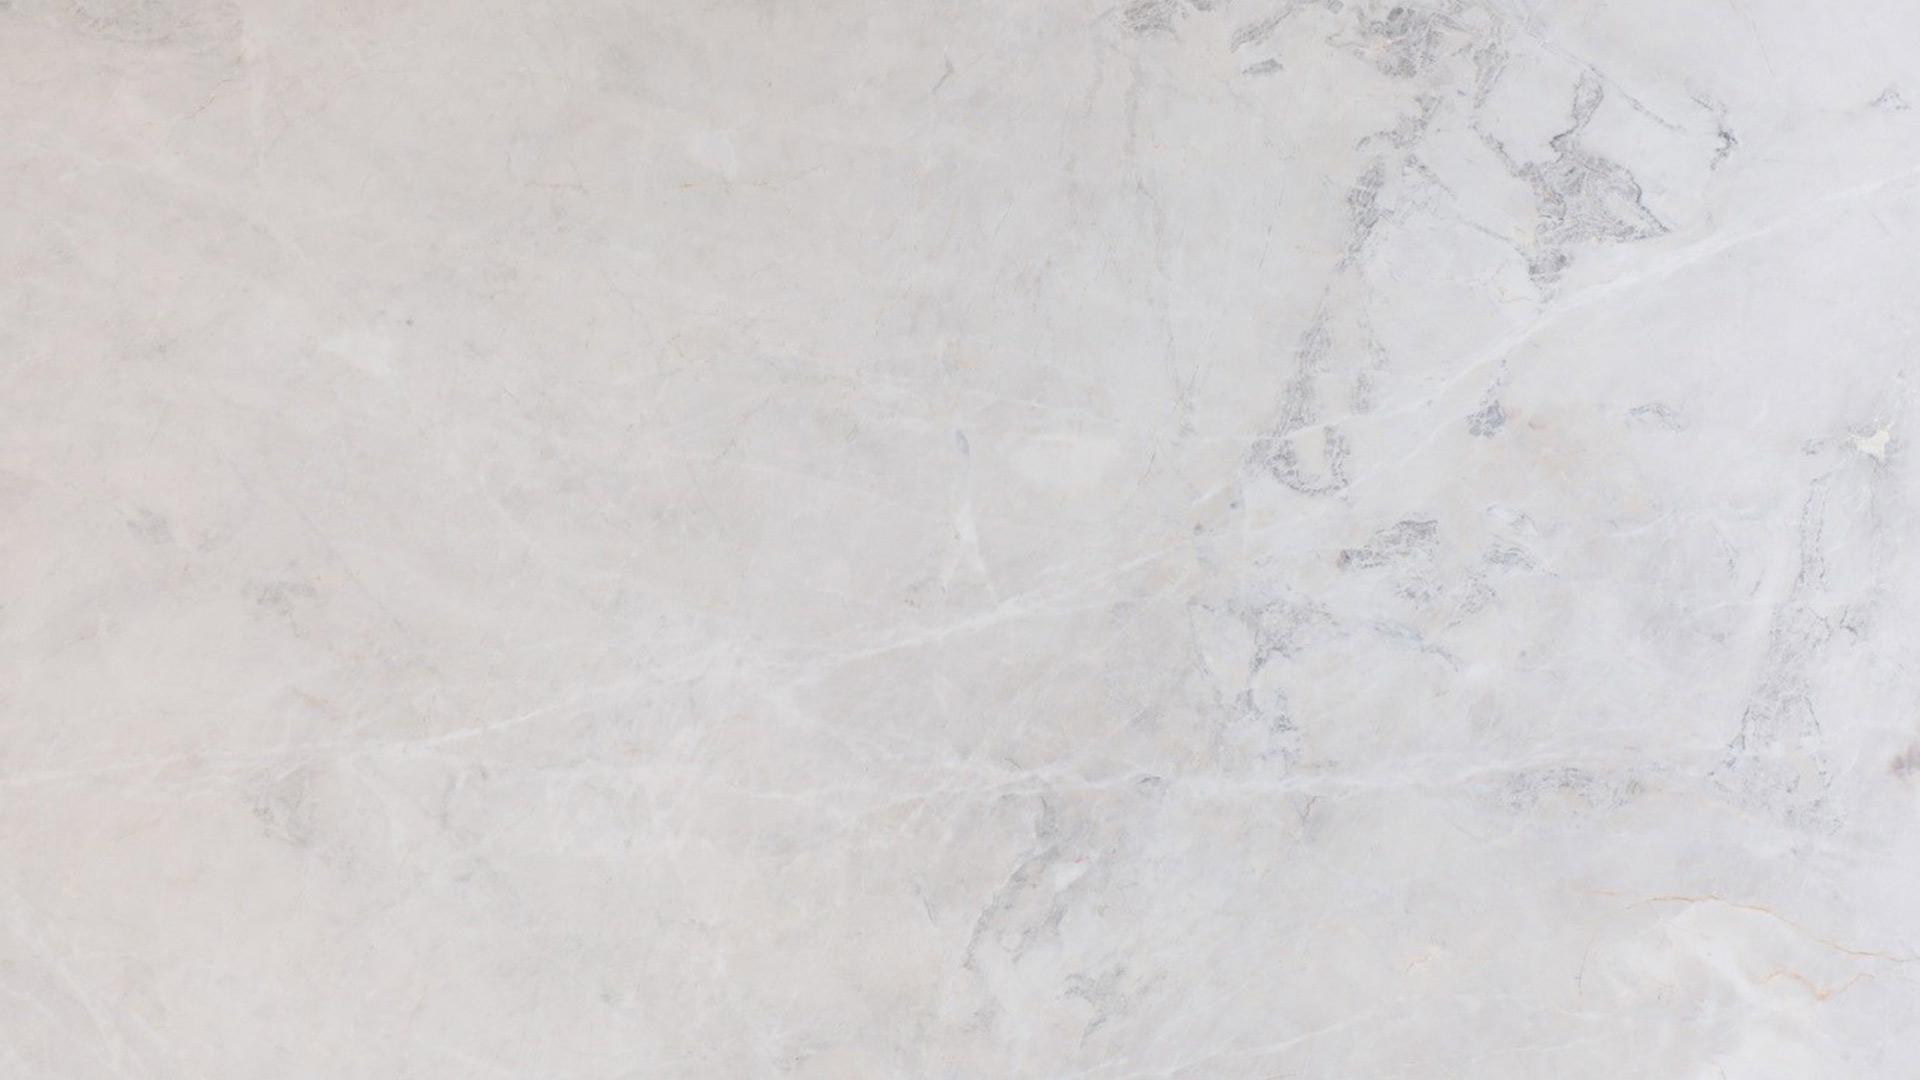 Cada peça de mármore é singular, como o Monte Cristo PR